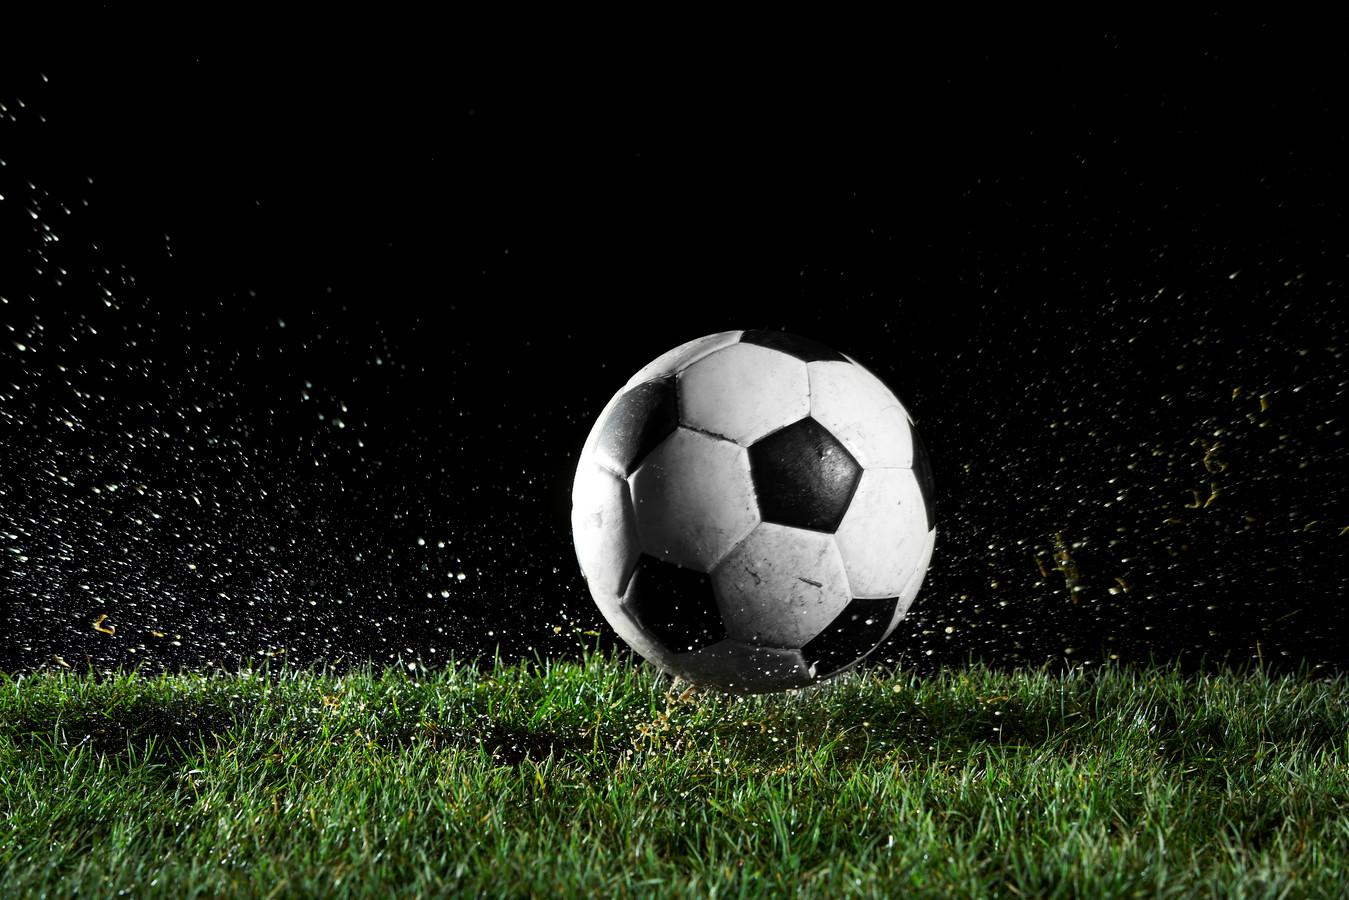 Soccer ball in motion over grass voetbal stockfoto